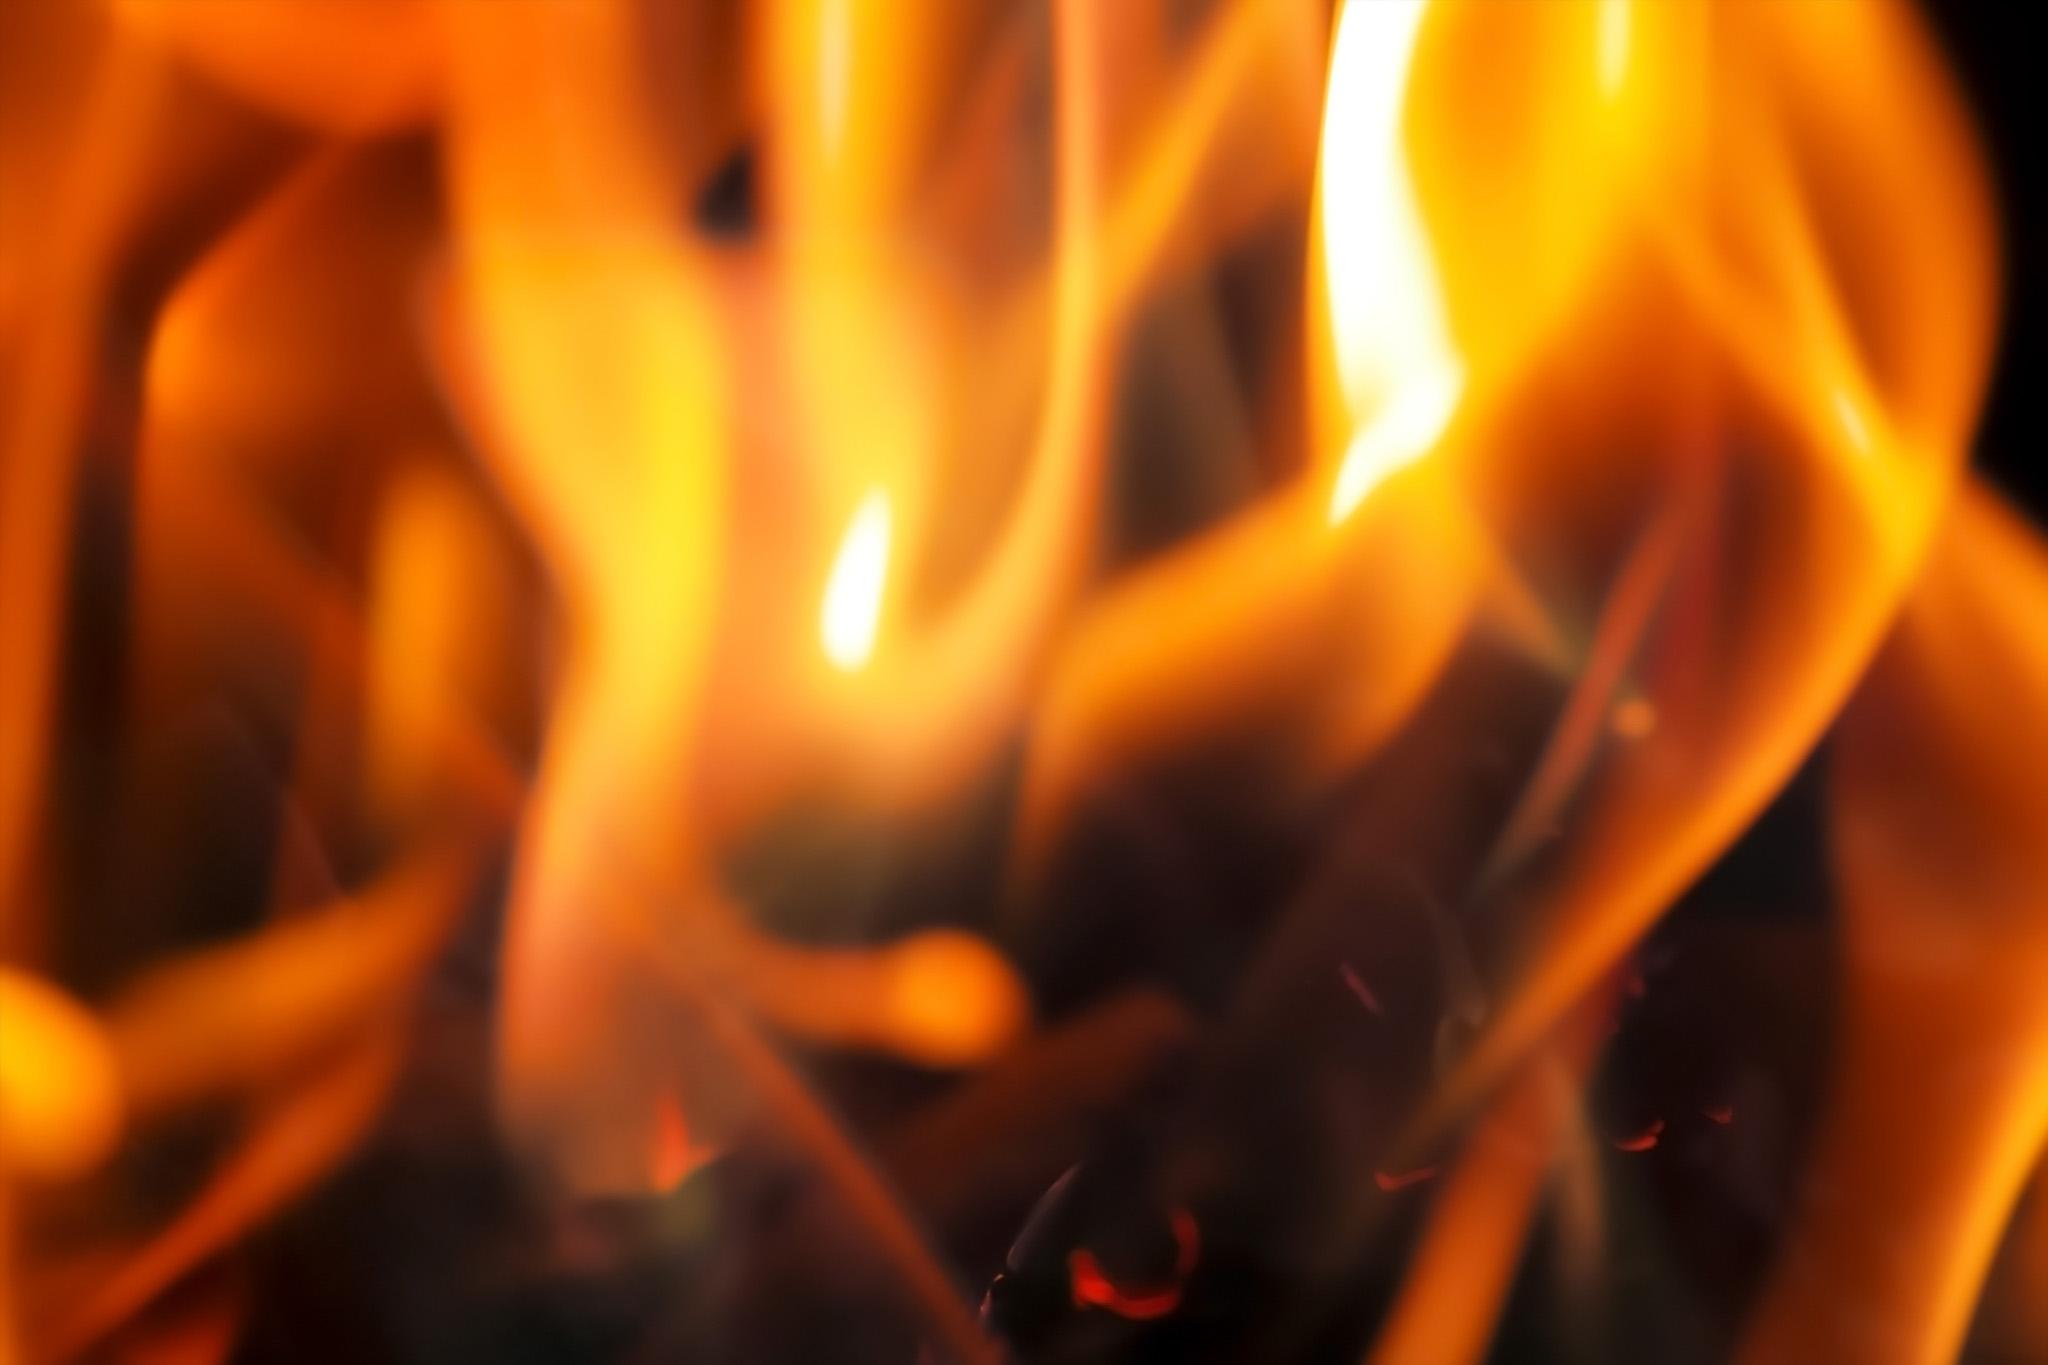 「燃え盛る炎のテクスチャ」